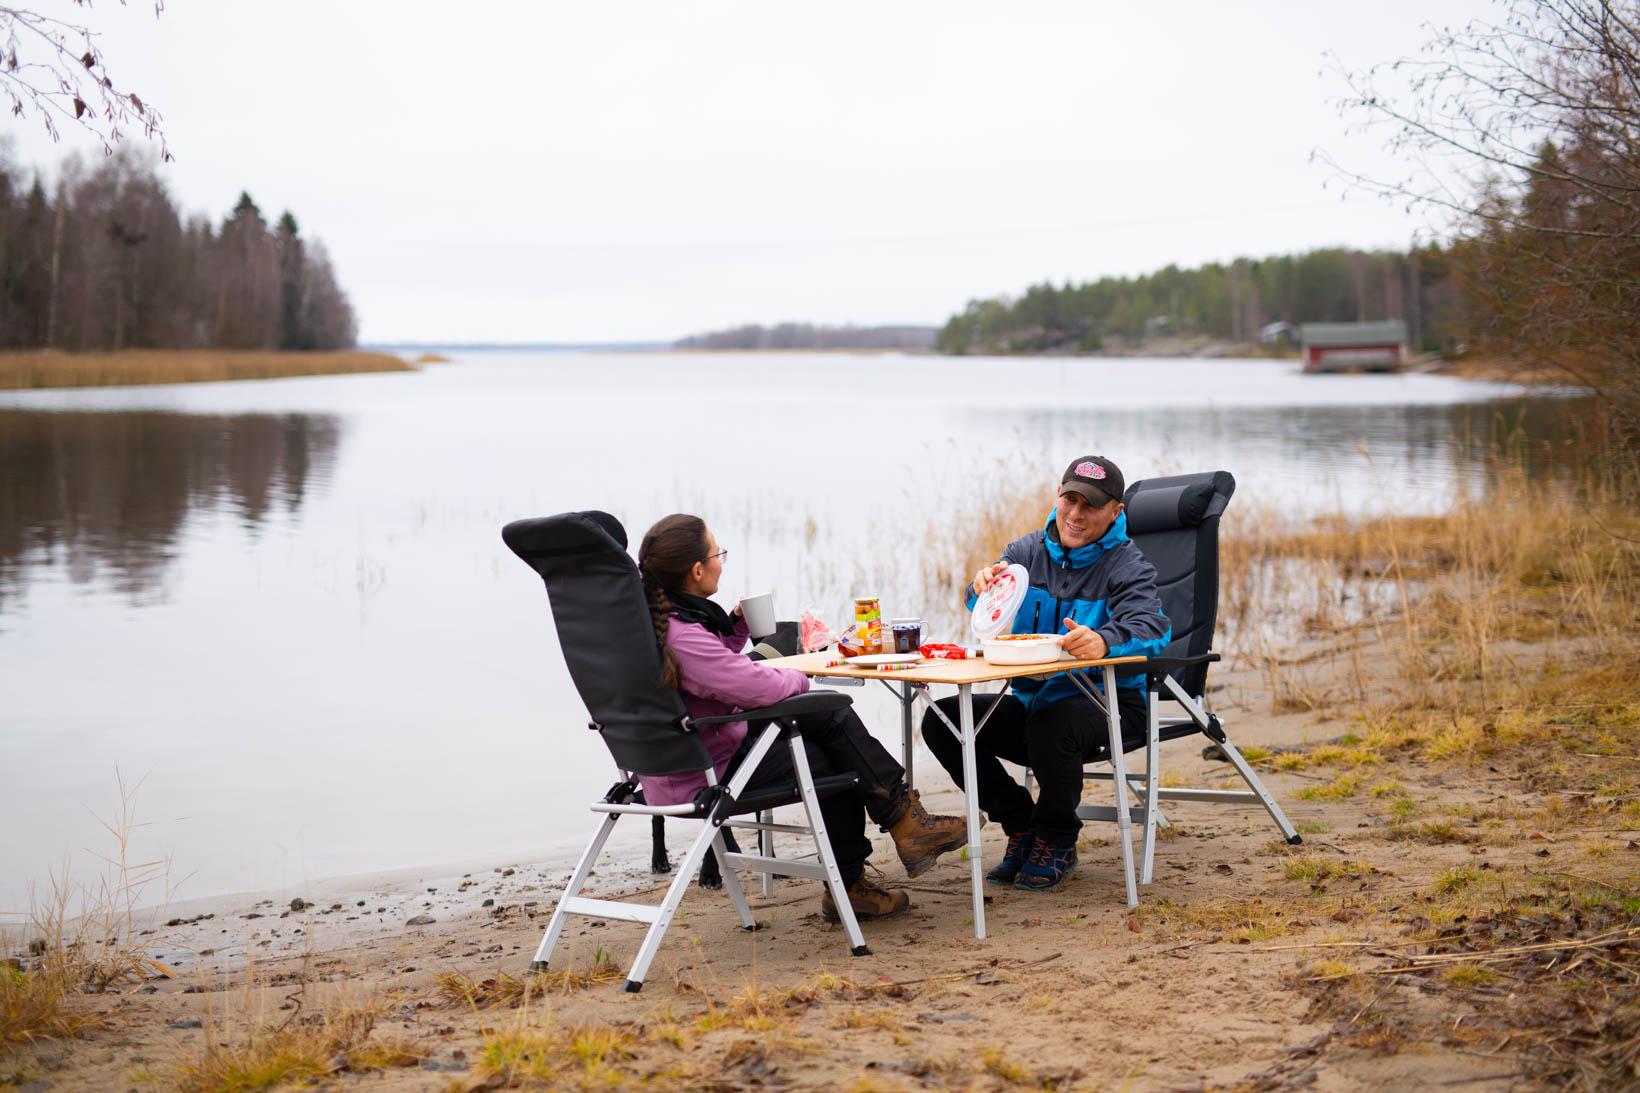 Campingstuhl_Yaccu_Liege_Campen_Erfahrung_Test